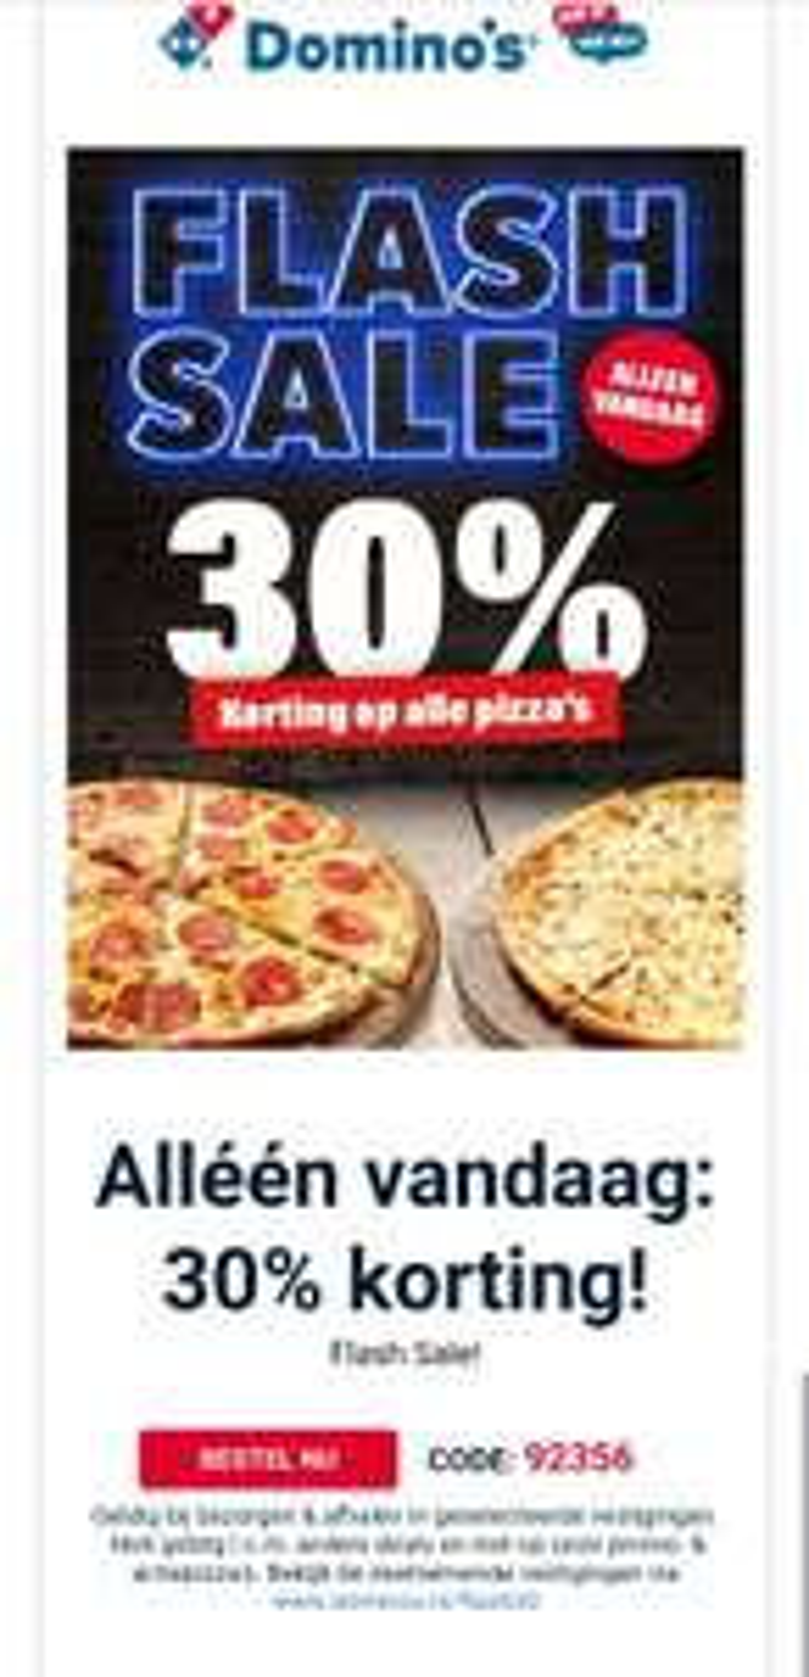 Domino's 30% korting op alle pizza's